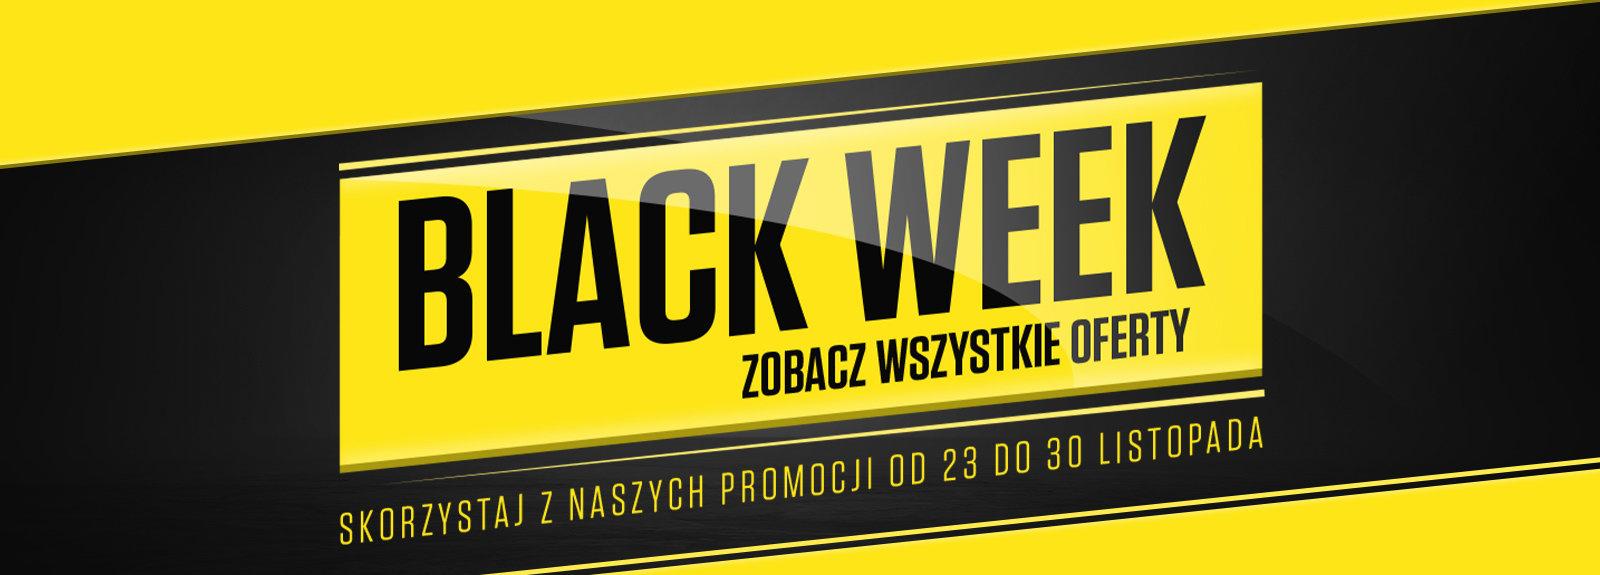 Asus Black Week 2020 promocja